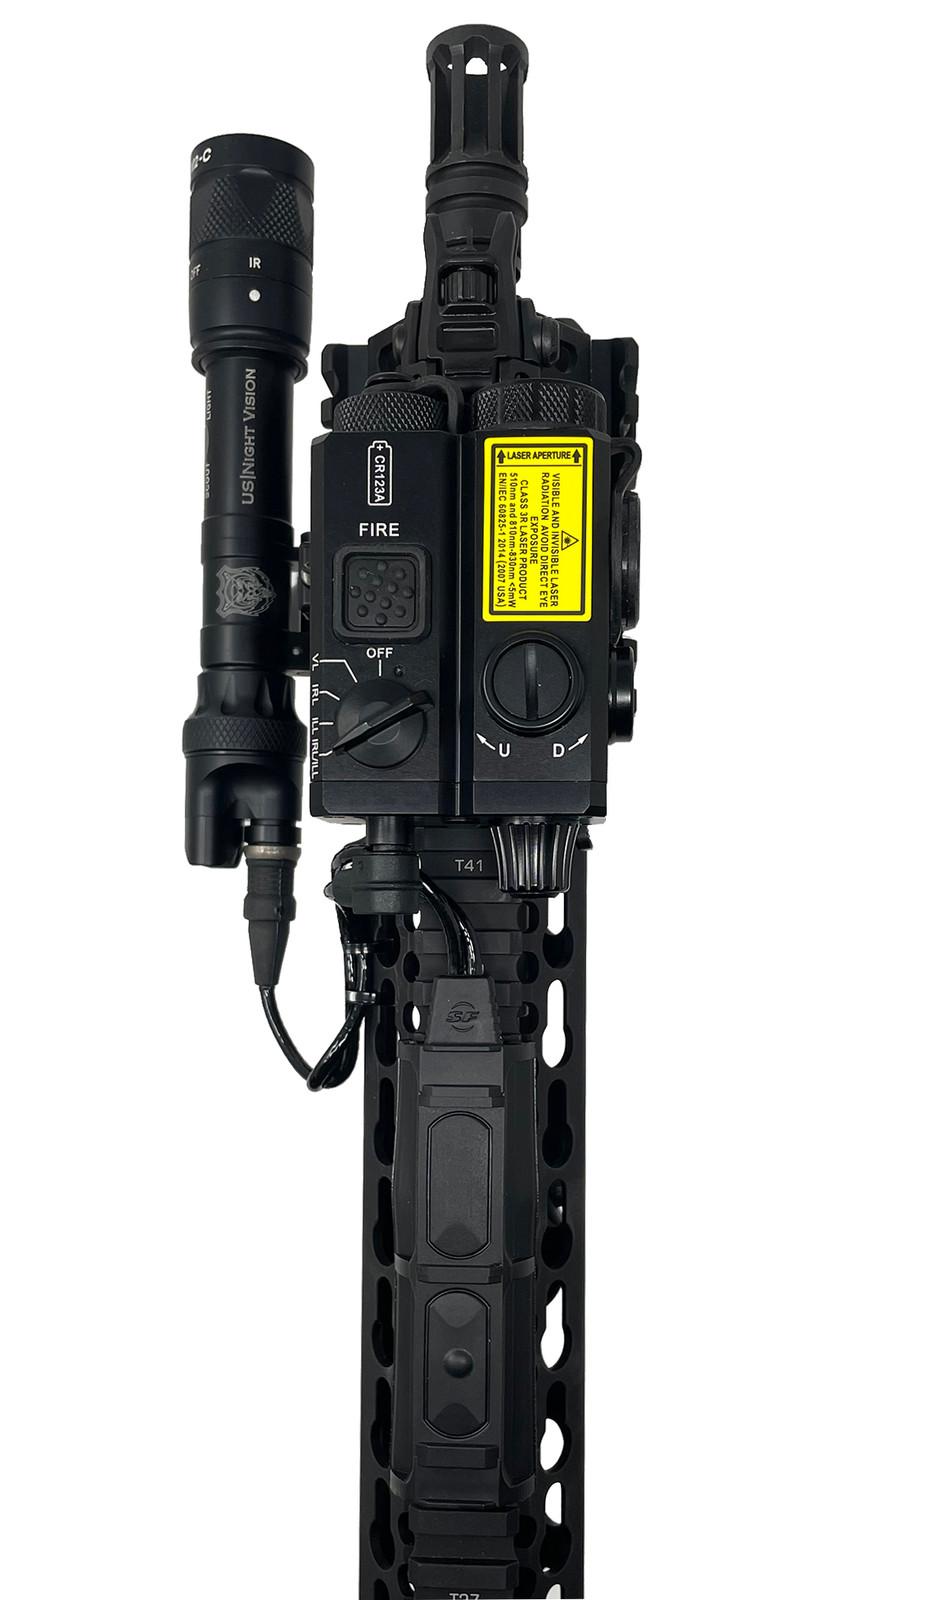 Optional Add On Lighting Illumination Kit